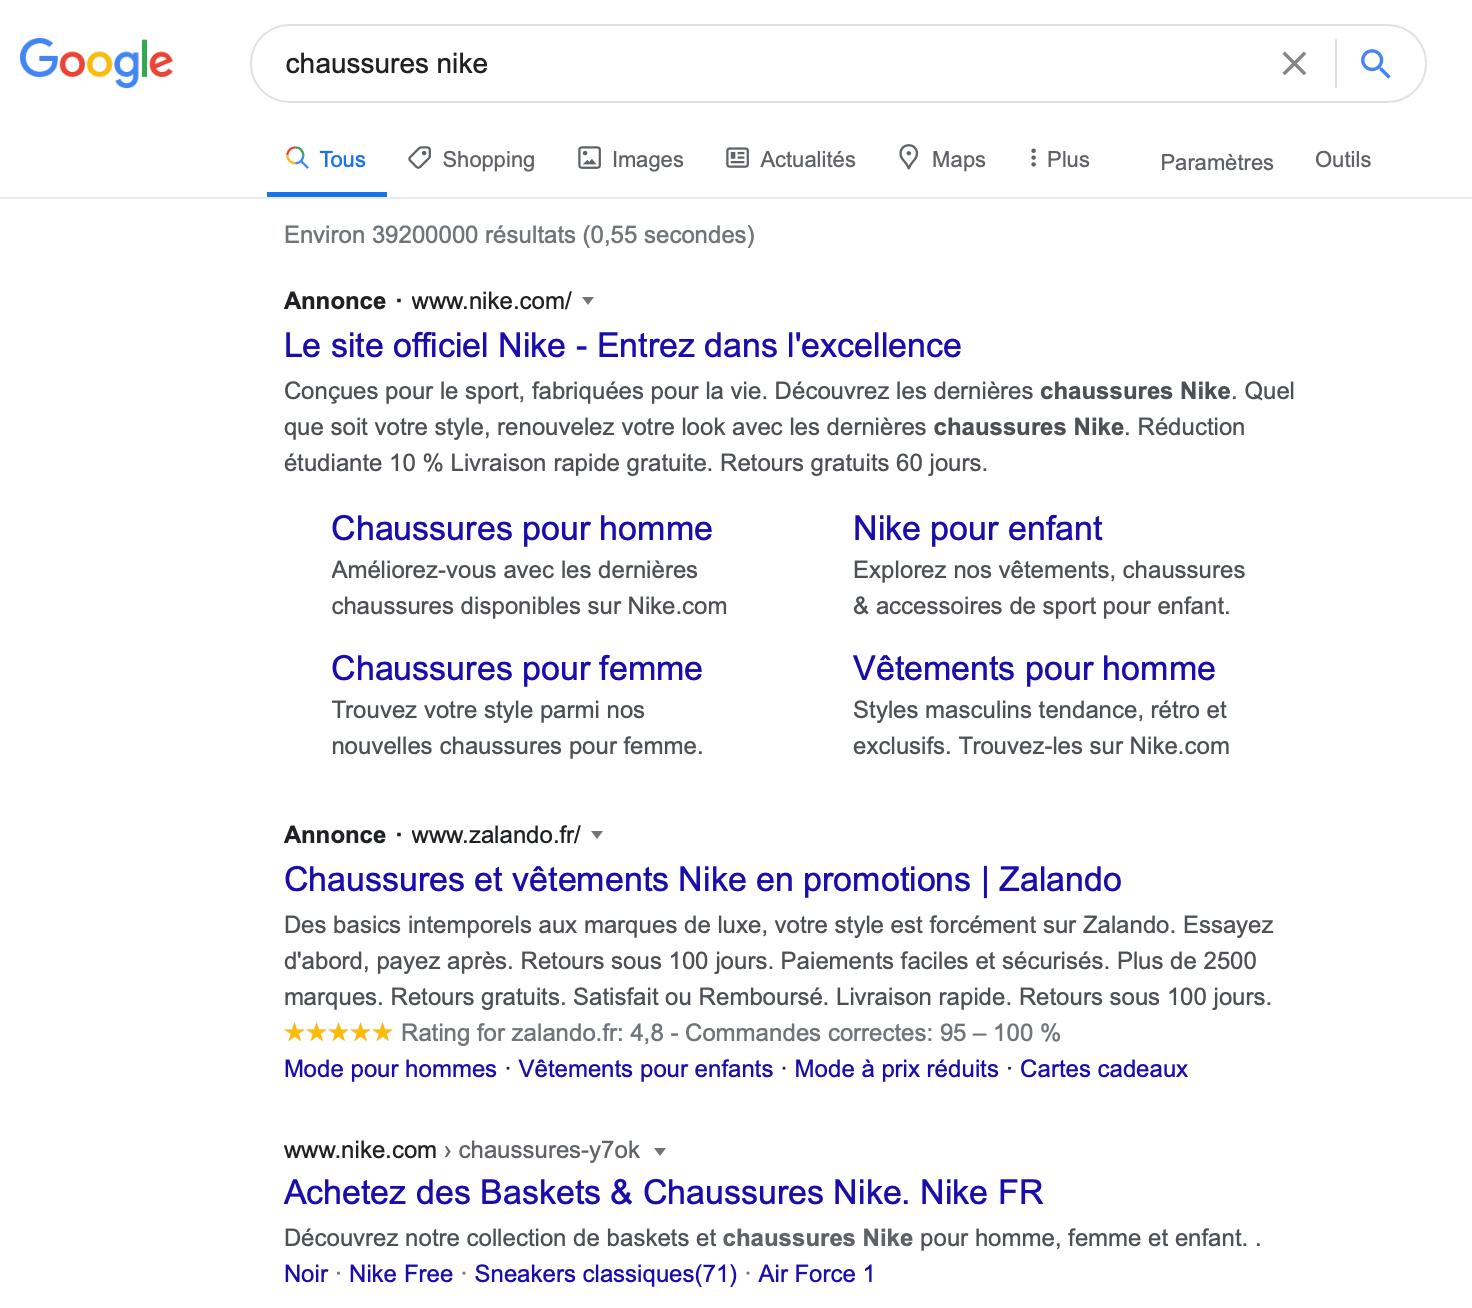 nos conseils pour être premier sur Google gratuitement